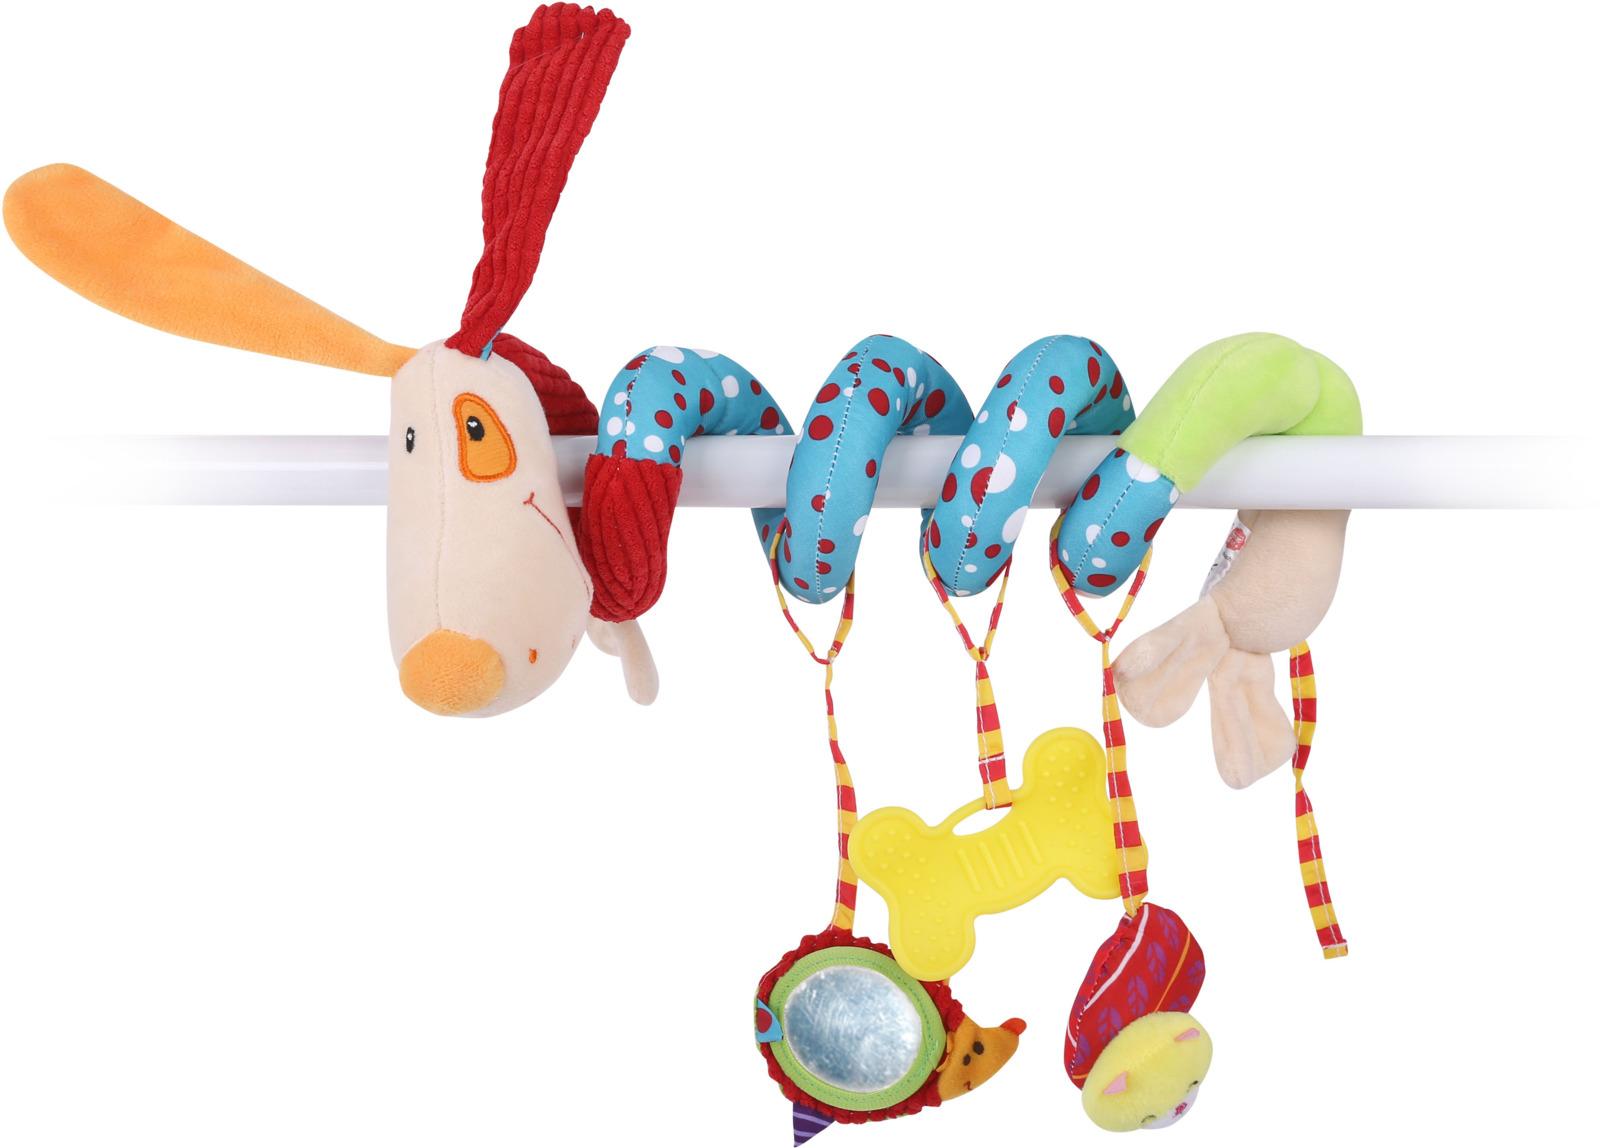 Развивающая игрушка спираль Lorelli Toys Собачка. 10191210002 развивающая игрушка lorelli toys обними меня мартышка 10191260001